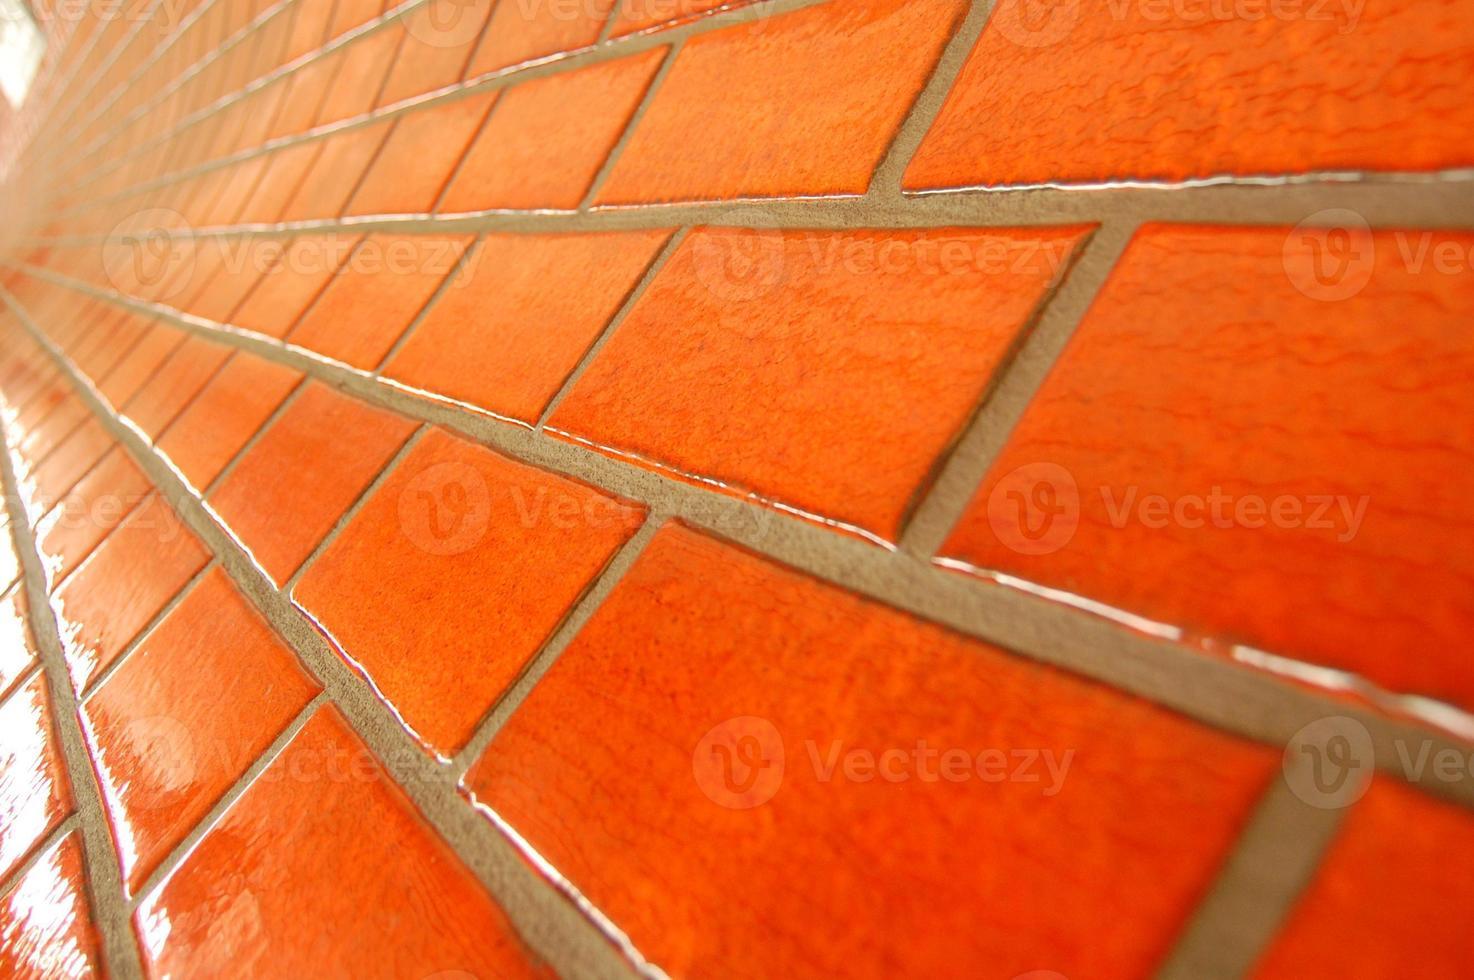 azulejos de metro naranja foto